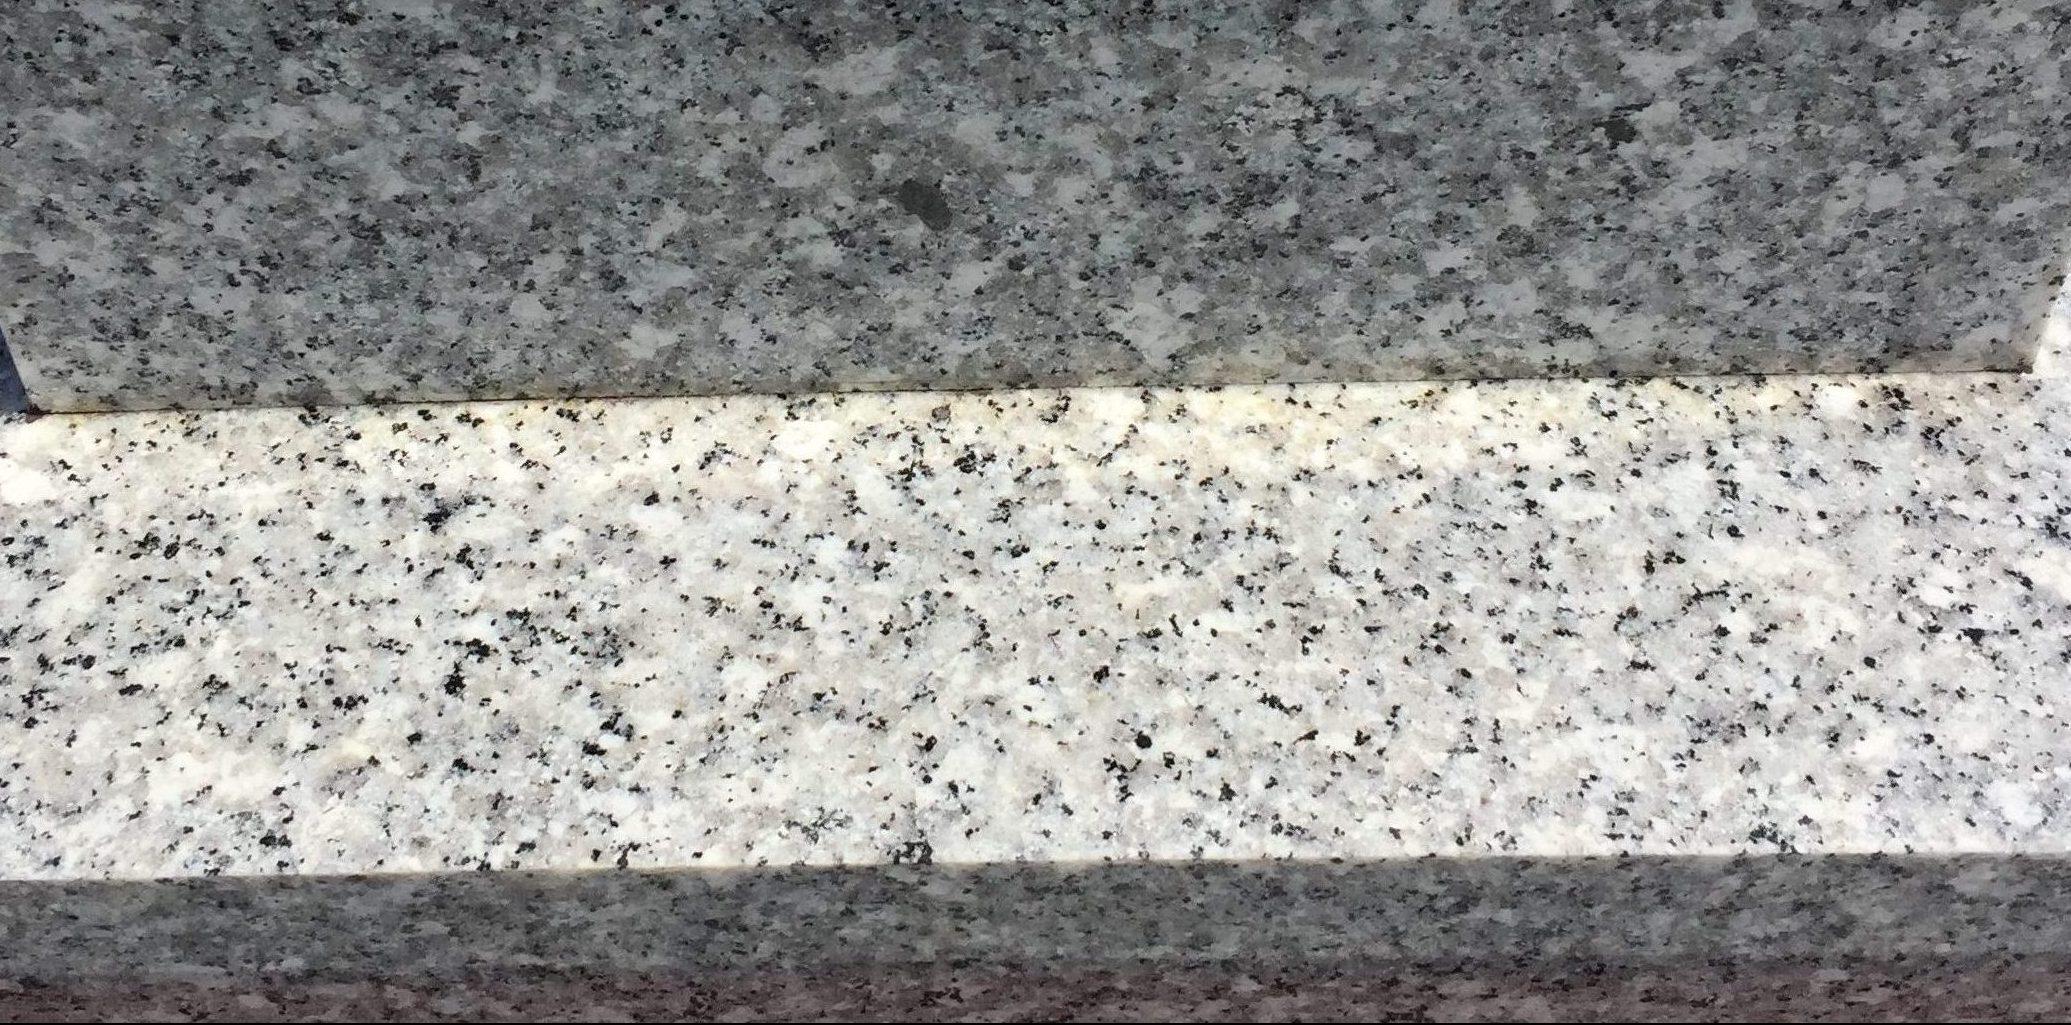 兵庫県 お墓のお掃除(清掃)代行いたします。墓石のシミやキズなど墓石クリーニングはおそうじプラスへ